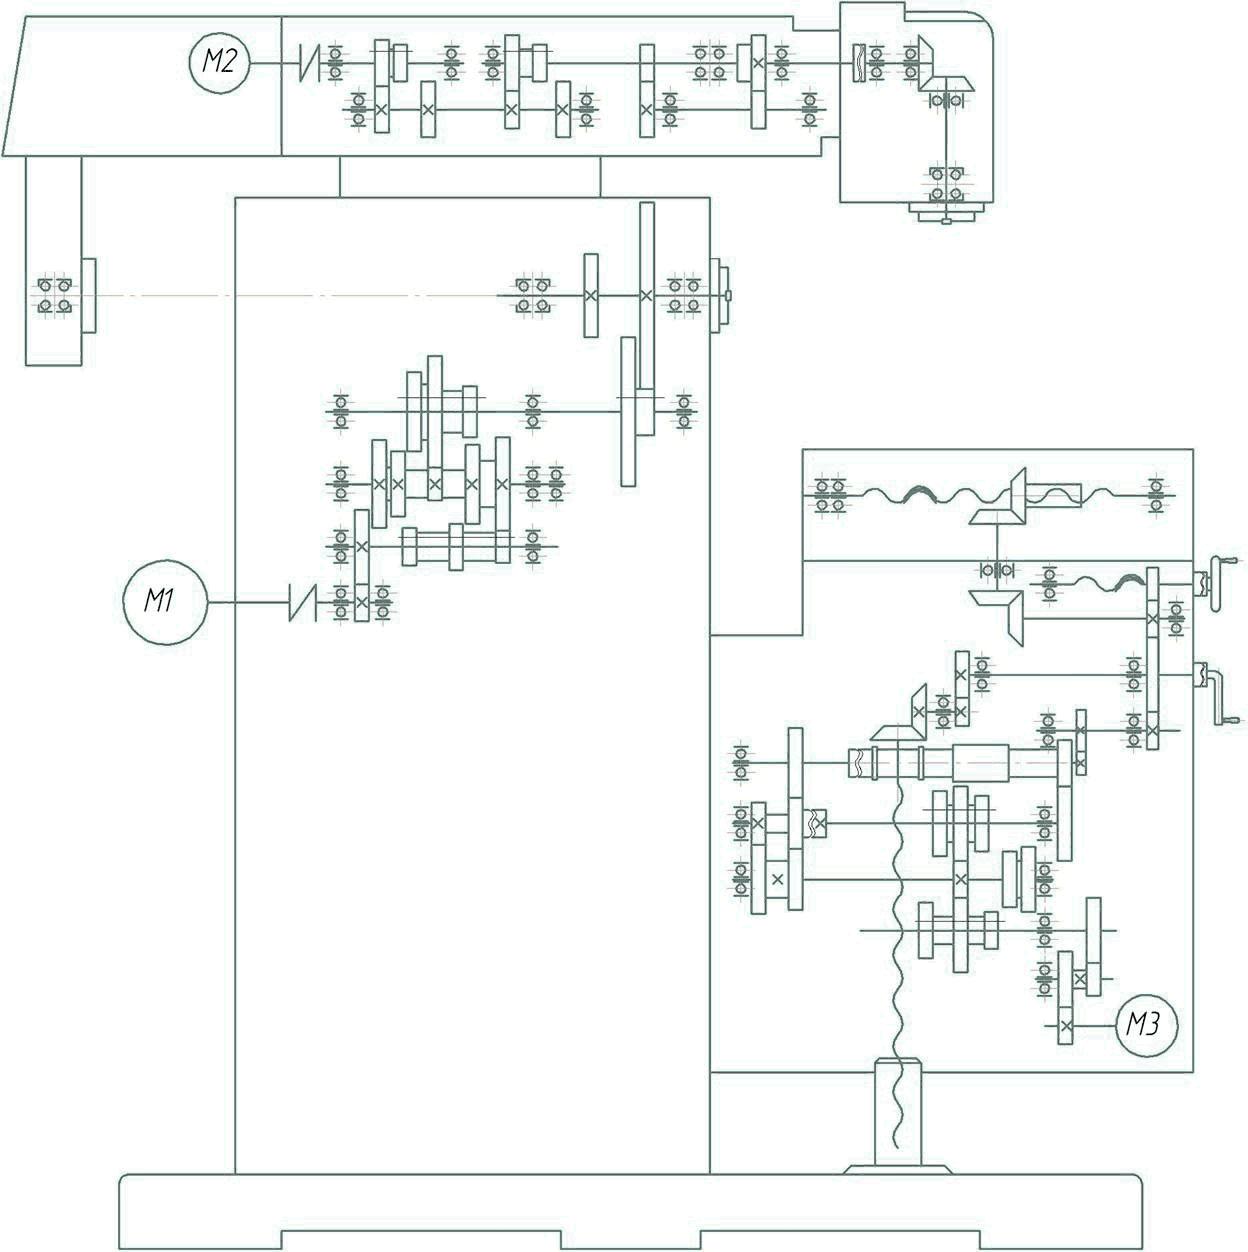 кинематическая схема широкоуниверсального  фрезерного станка ФУ-1600/500